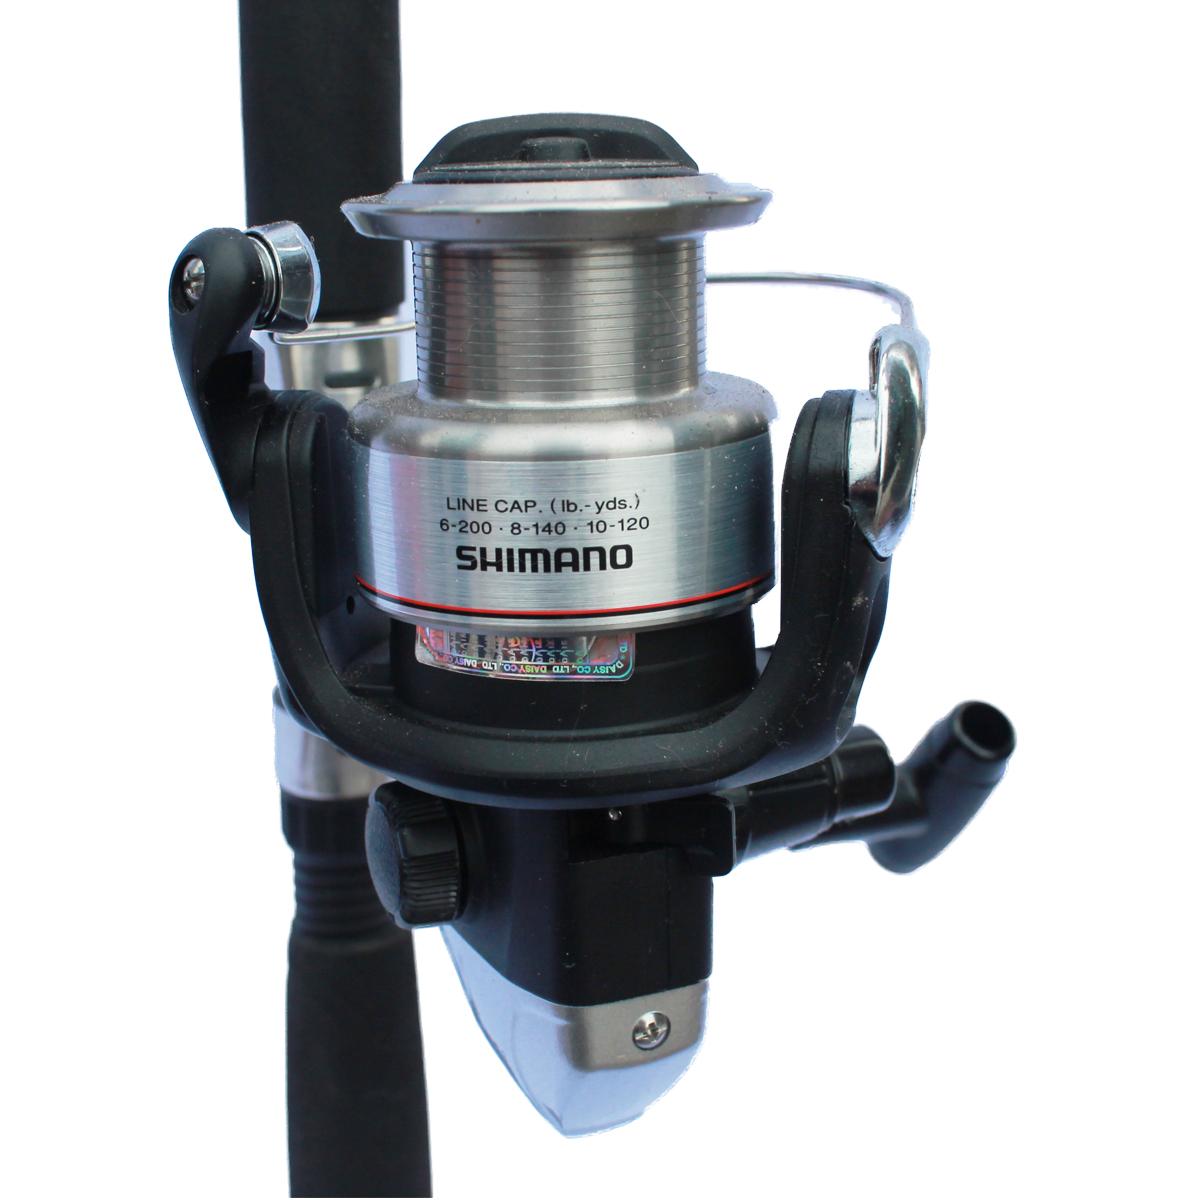 Trọn Bộ Cần Câu Shimano Đặc 2602 Và Máy Câu Shimano FX 2500FB